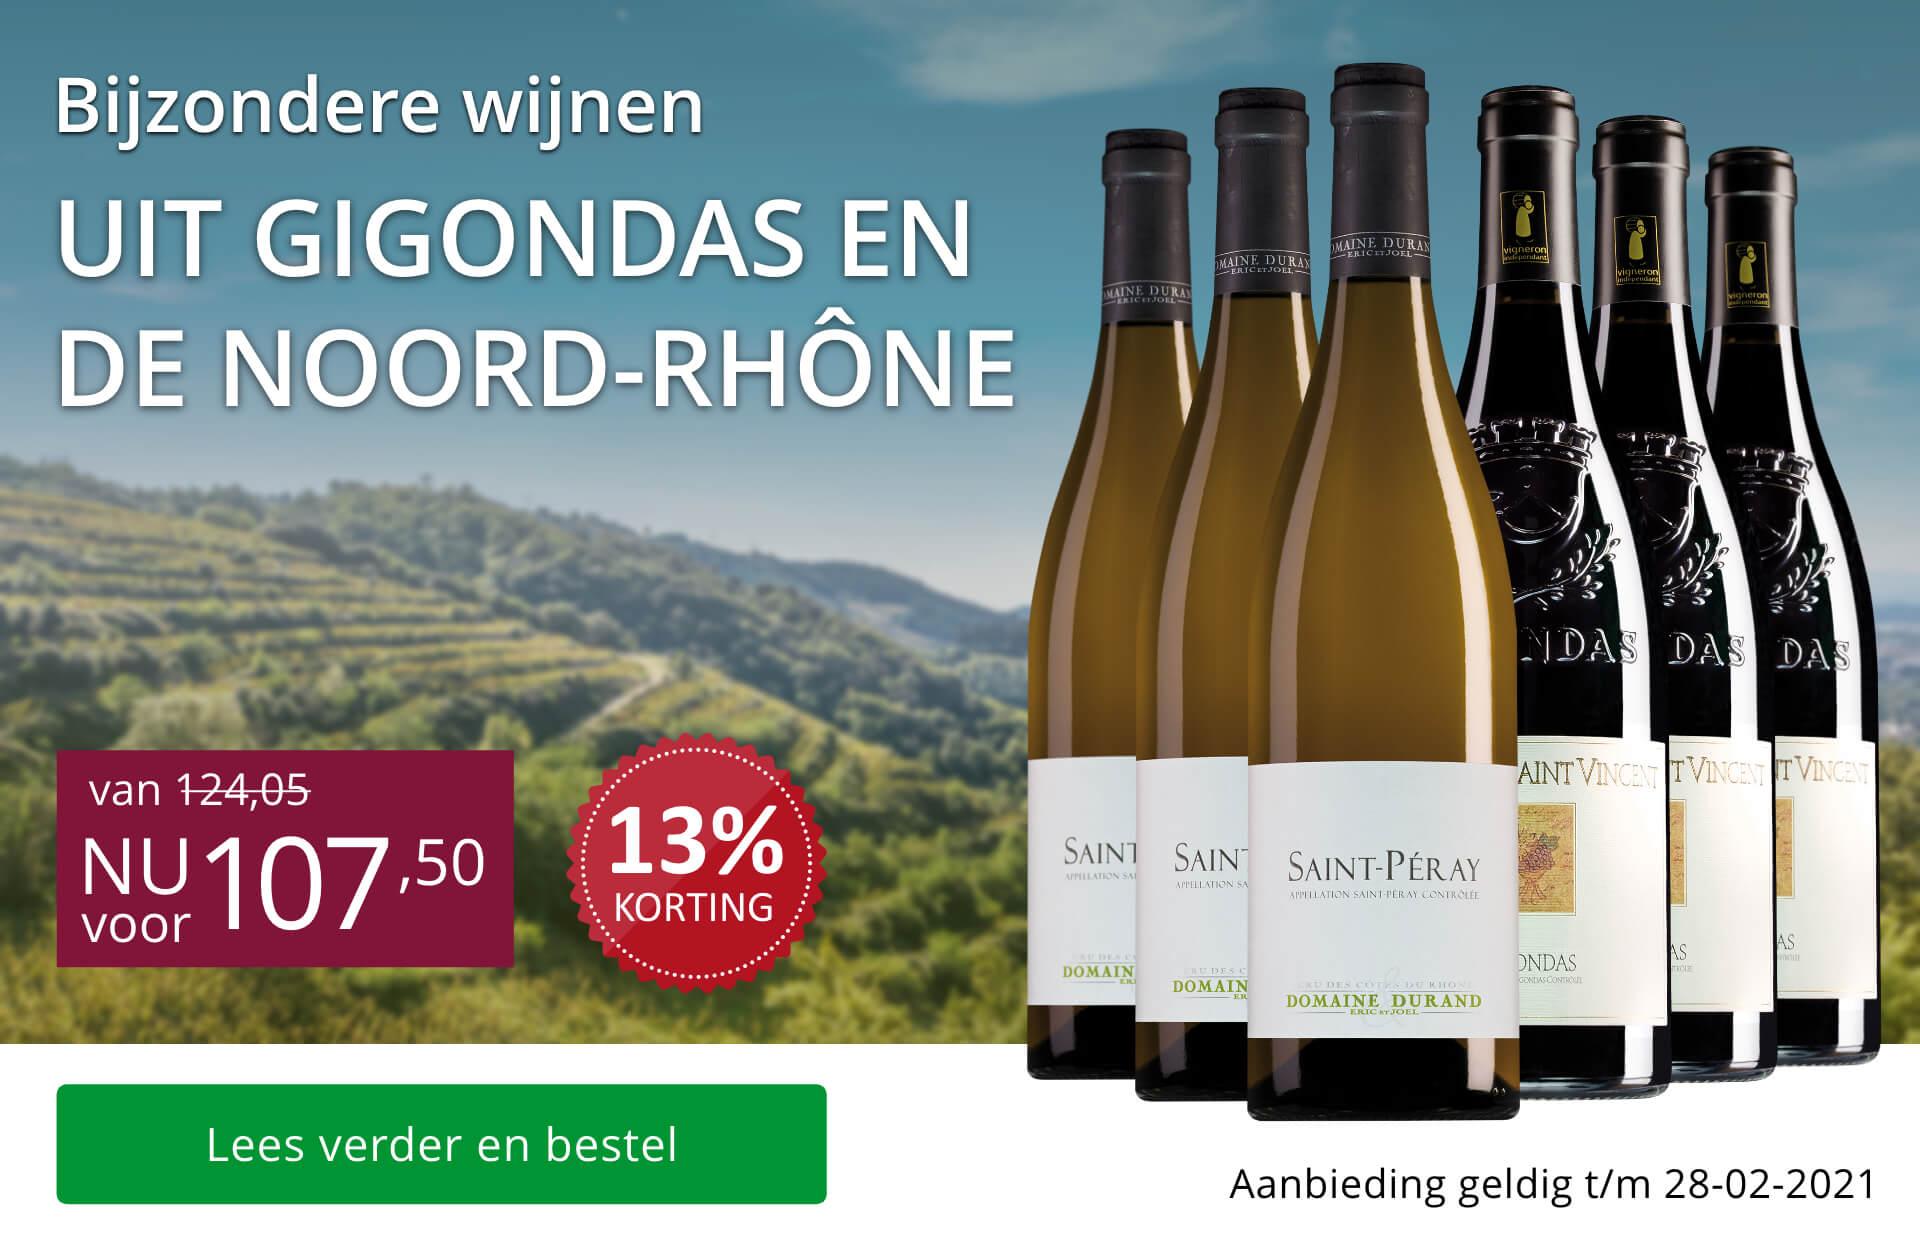 Wijnpakket bijzondere wijnen februari 2021 (107,50)-paars